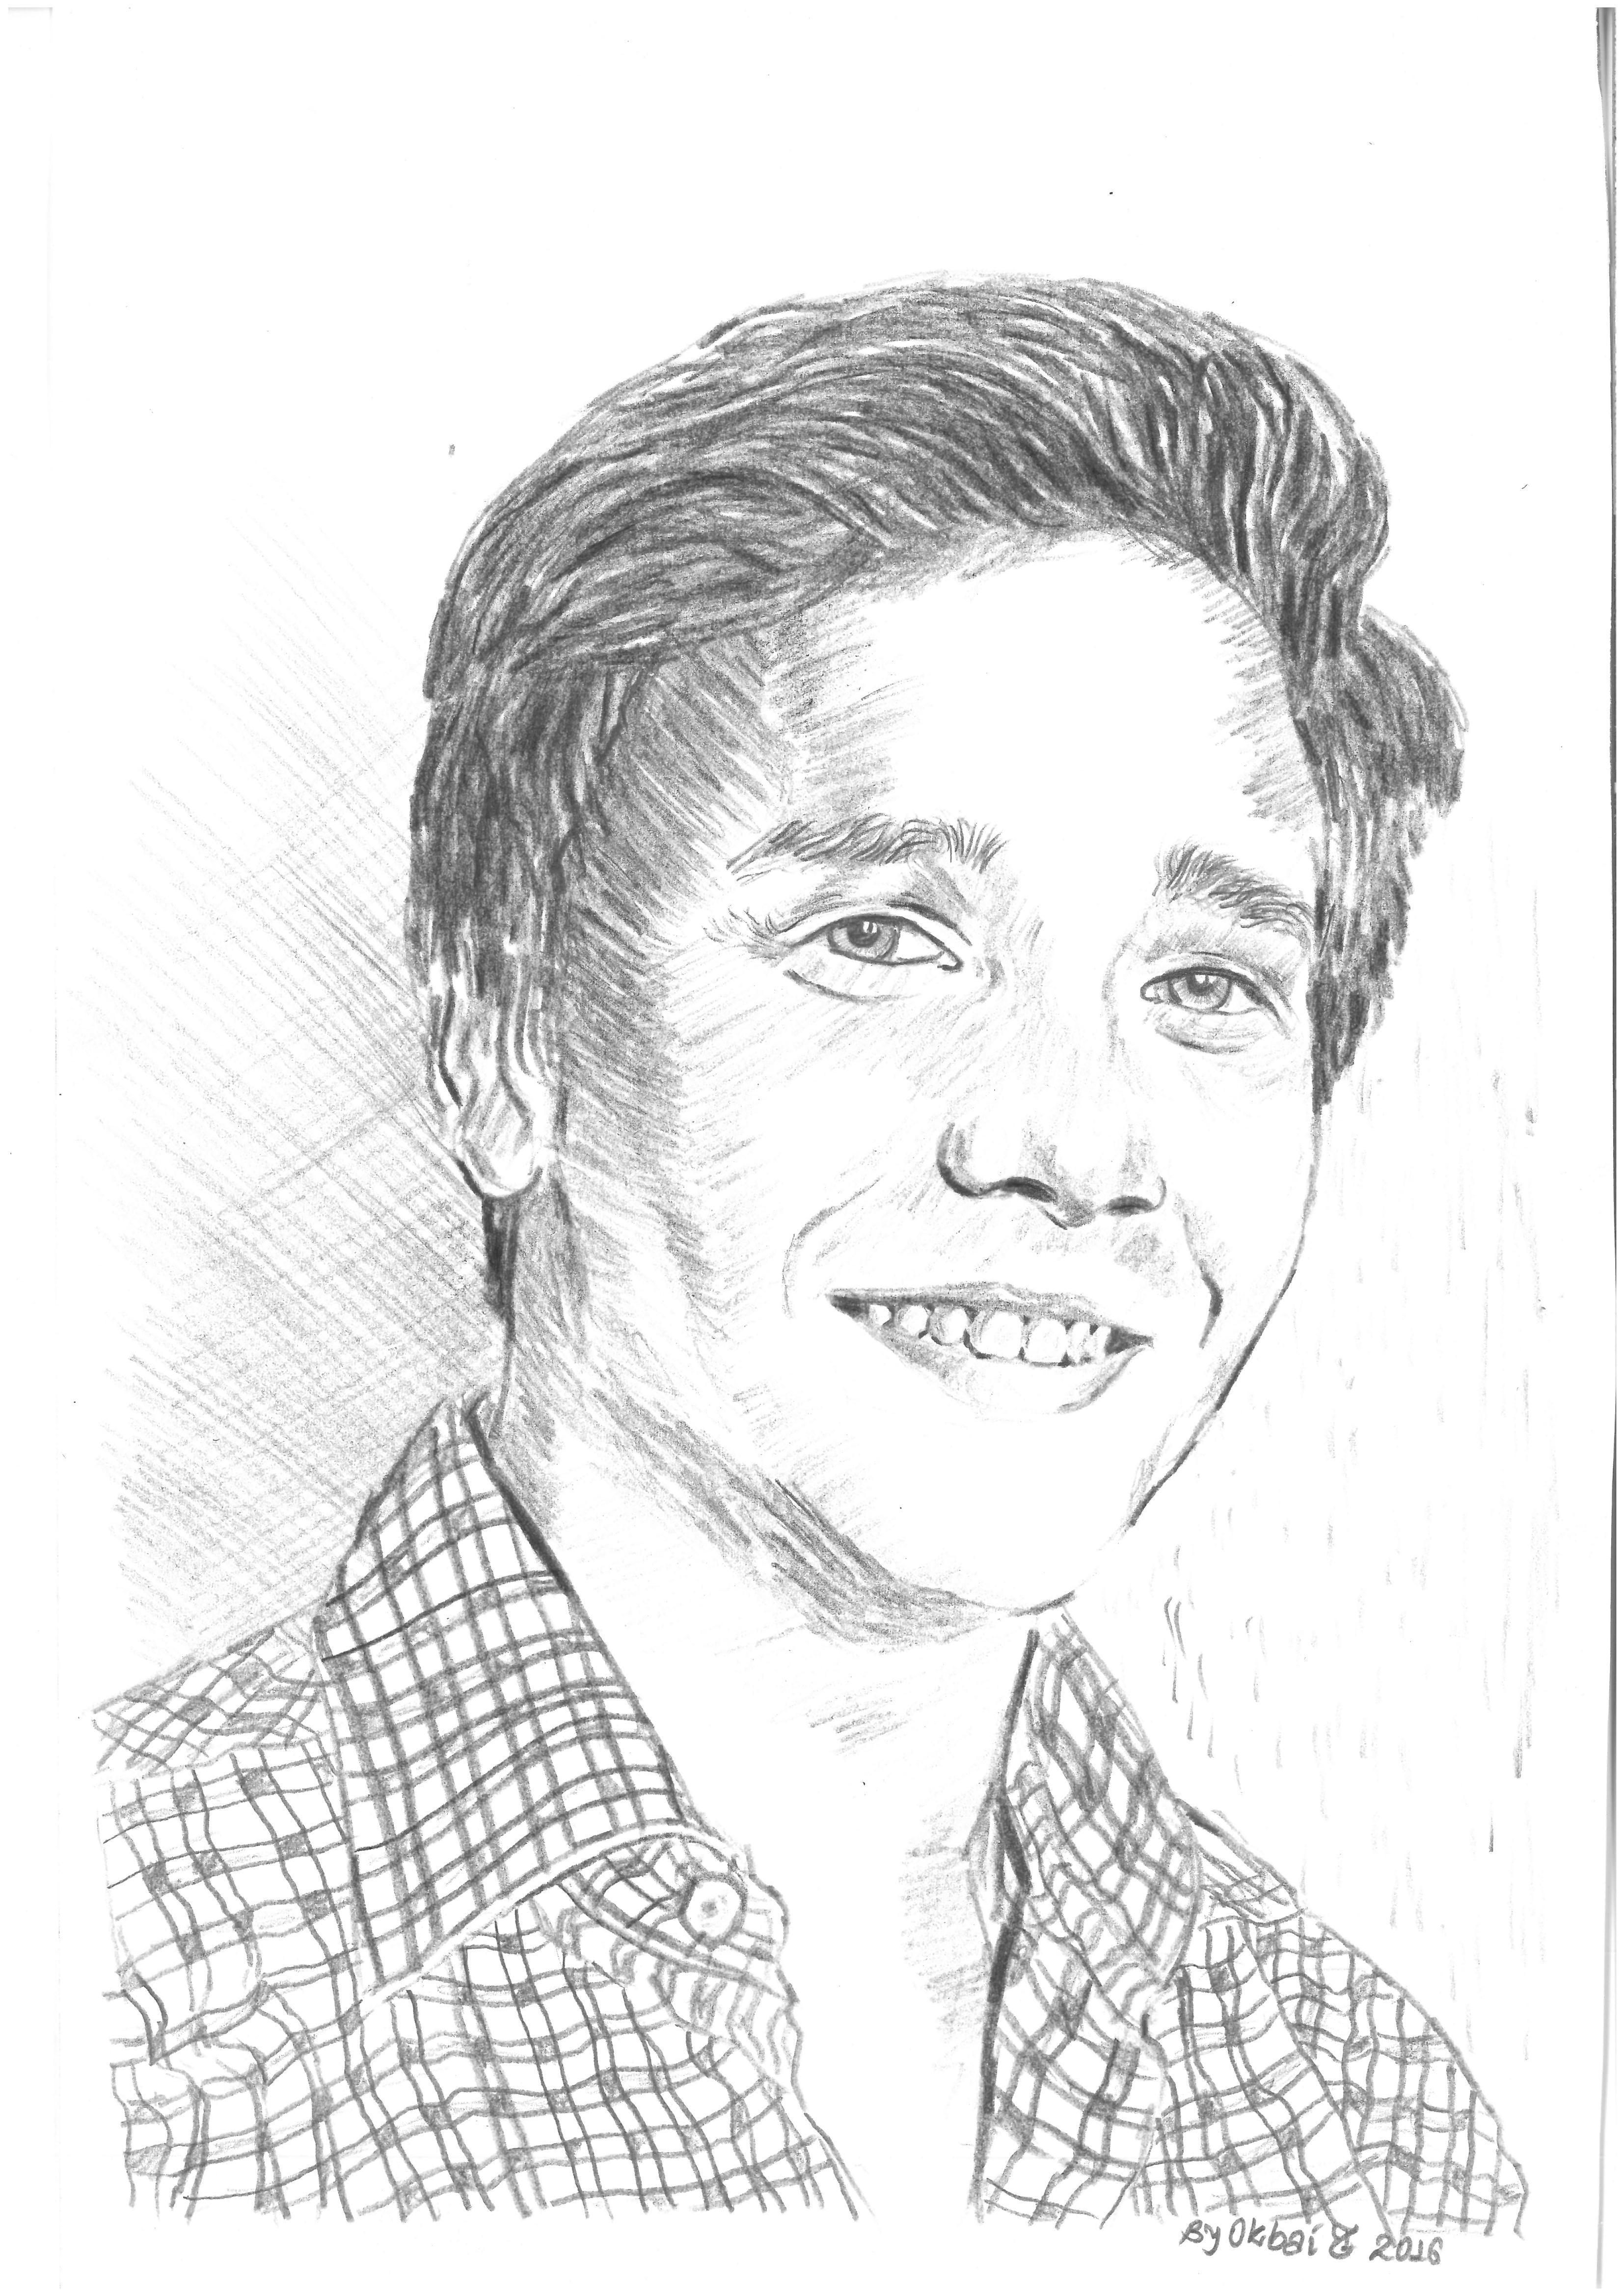 Das Bild zeigt ein gezeichnetes Porträt von Gregor Meinecke